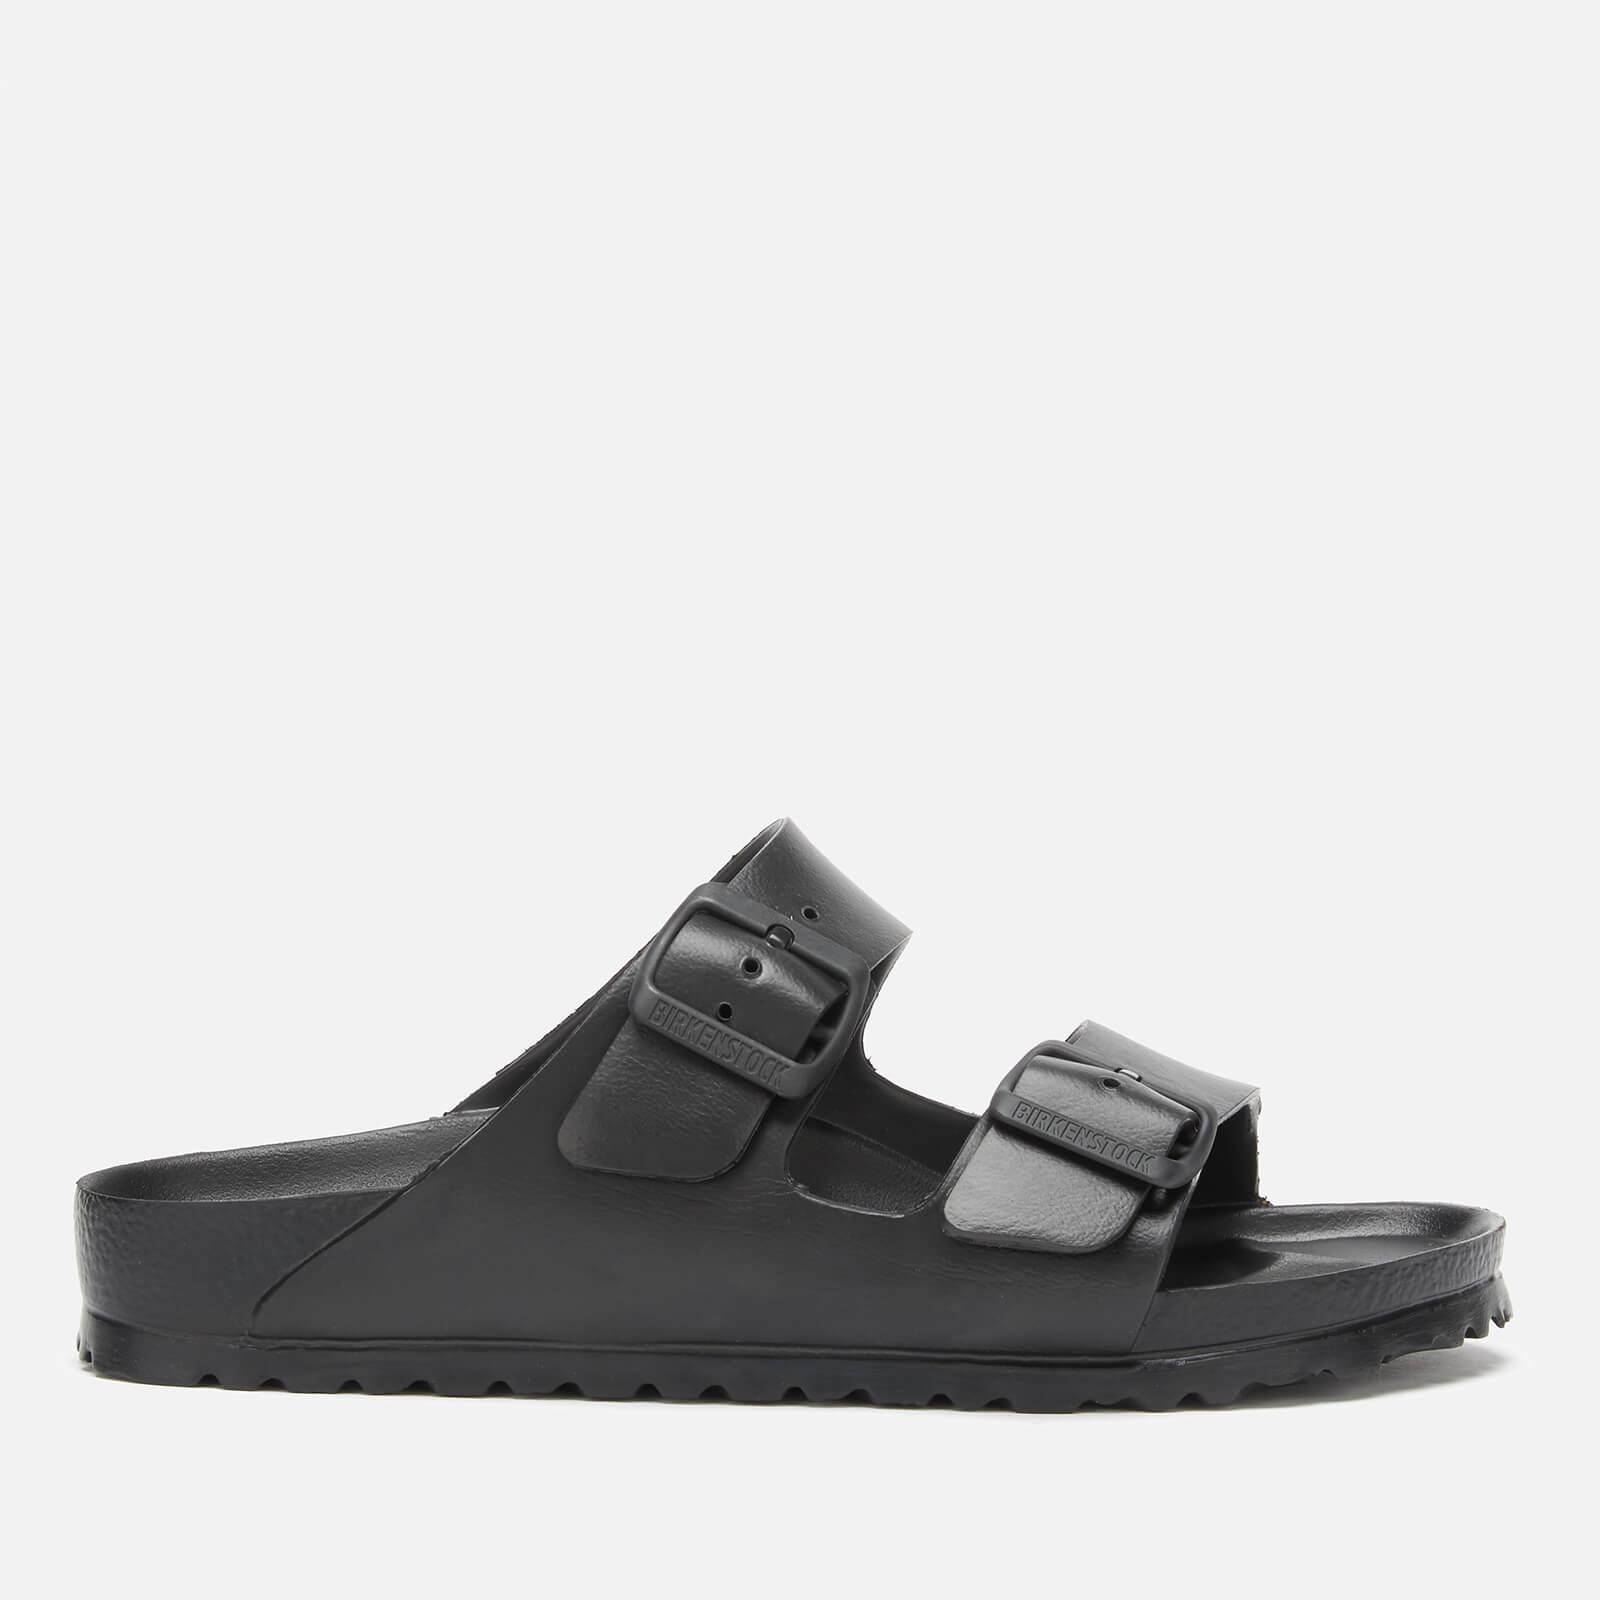 Birkenstock Women's Arizona Eva Double Strap Sandals - Black - EU 38/UK 5